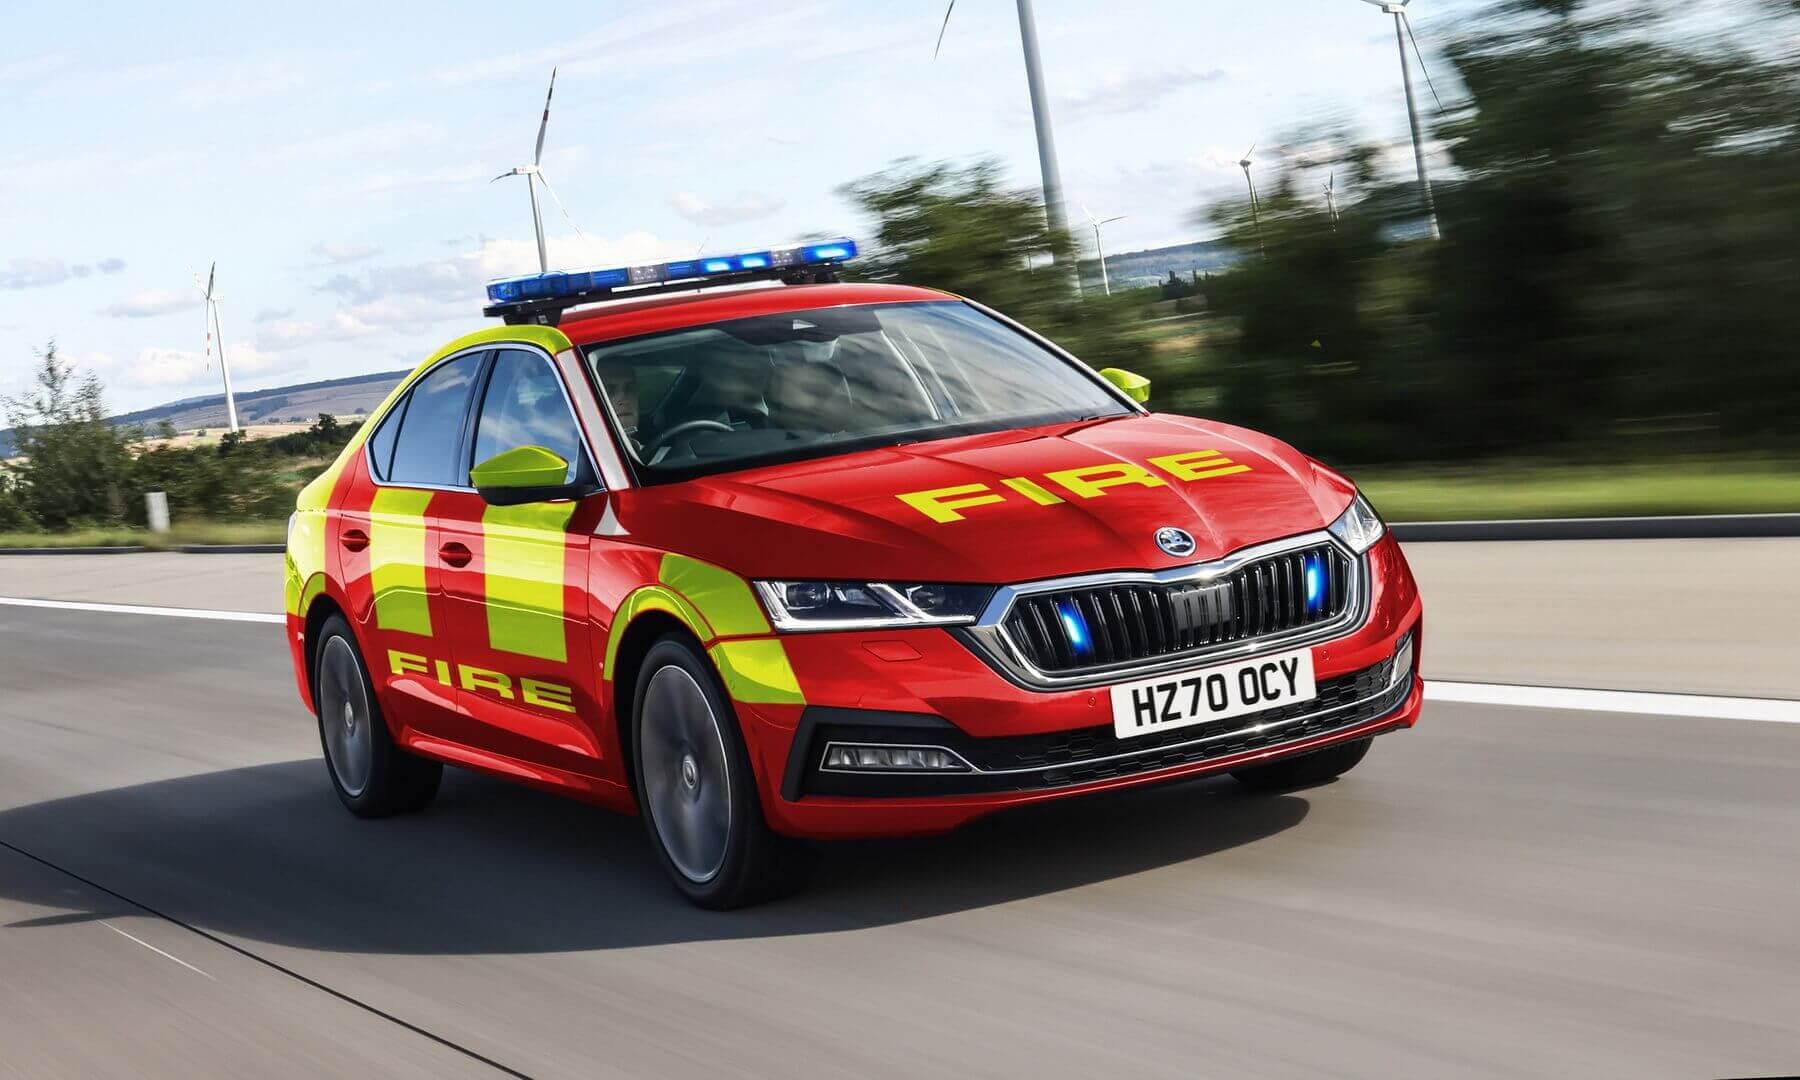 Плагин-гибридная Skoda Octavia iV для пожарных служб